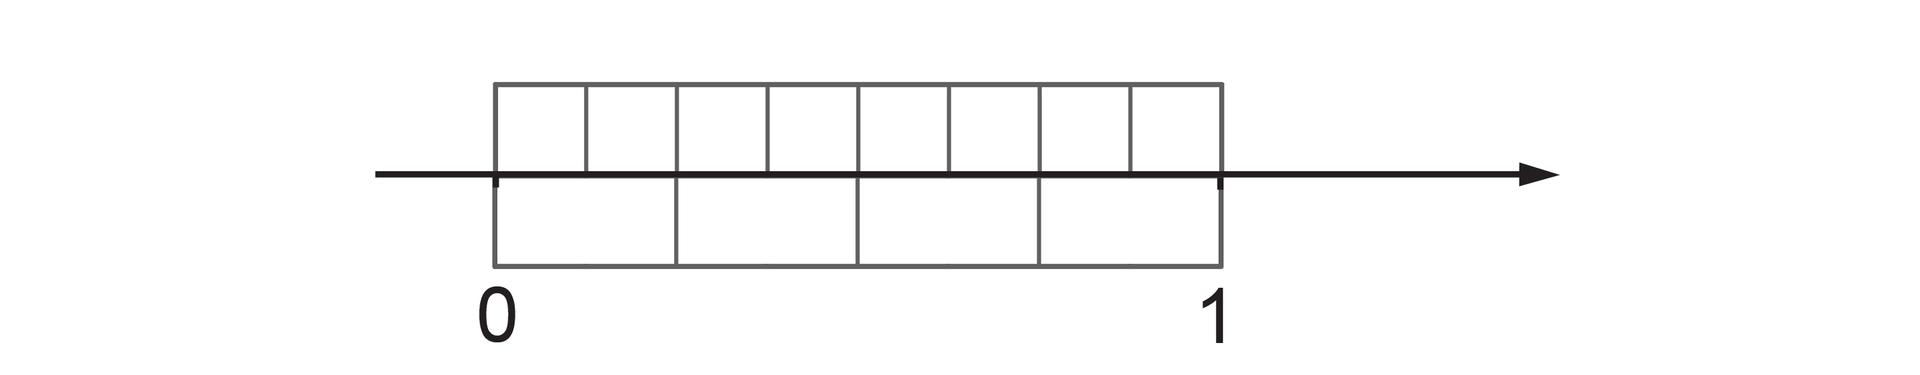 Rysunek osi liczbowej zzaznaczonymi punktami 0 i1. Pomiędzy punktami 0 i1 nad osią zaznaczony prostokąt podzielony na 8 równych części. Pod osią zaznaczony prostokąt podzielony na 4 równe części.